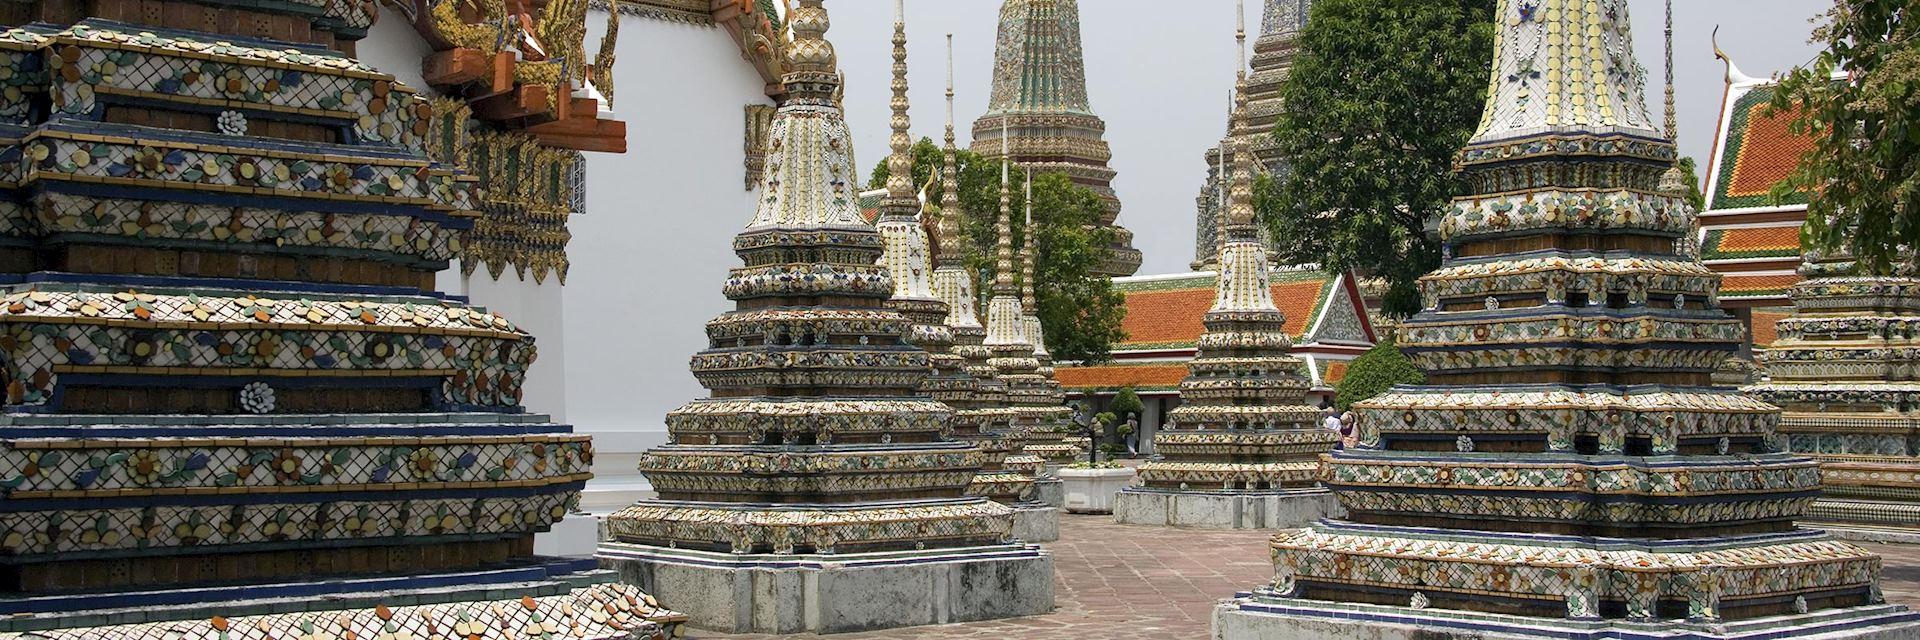 Wat Po, Bangkok